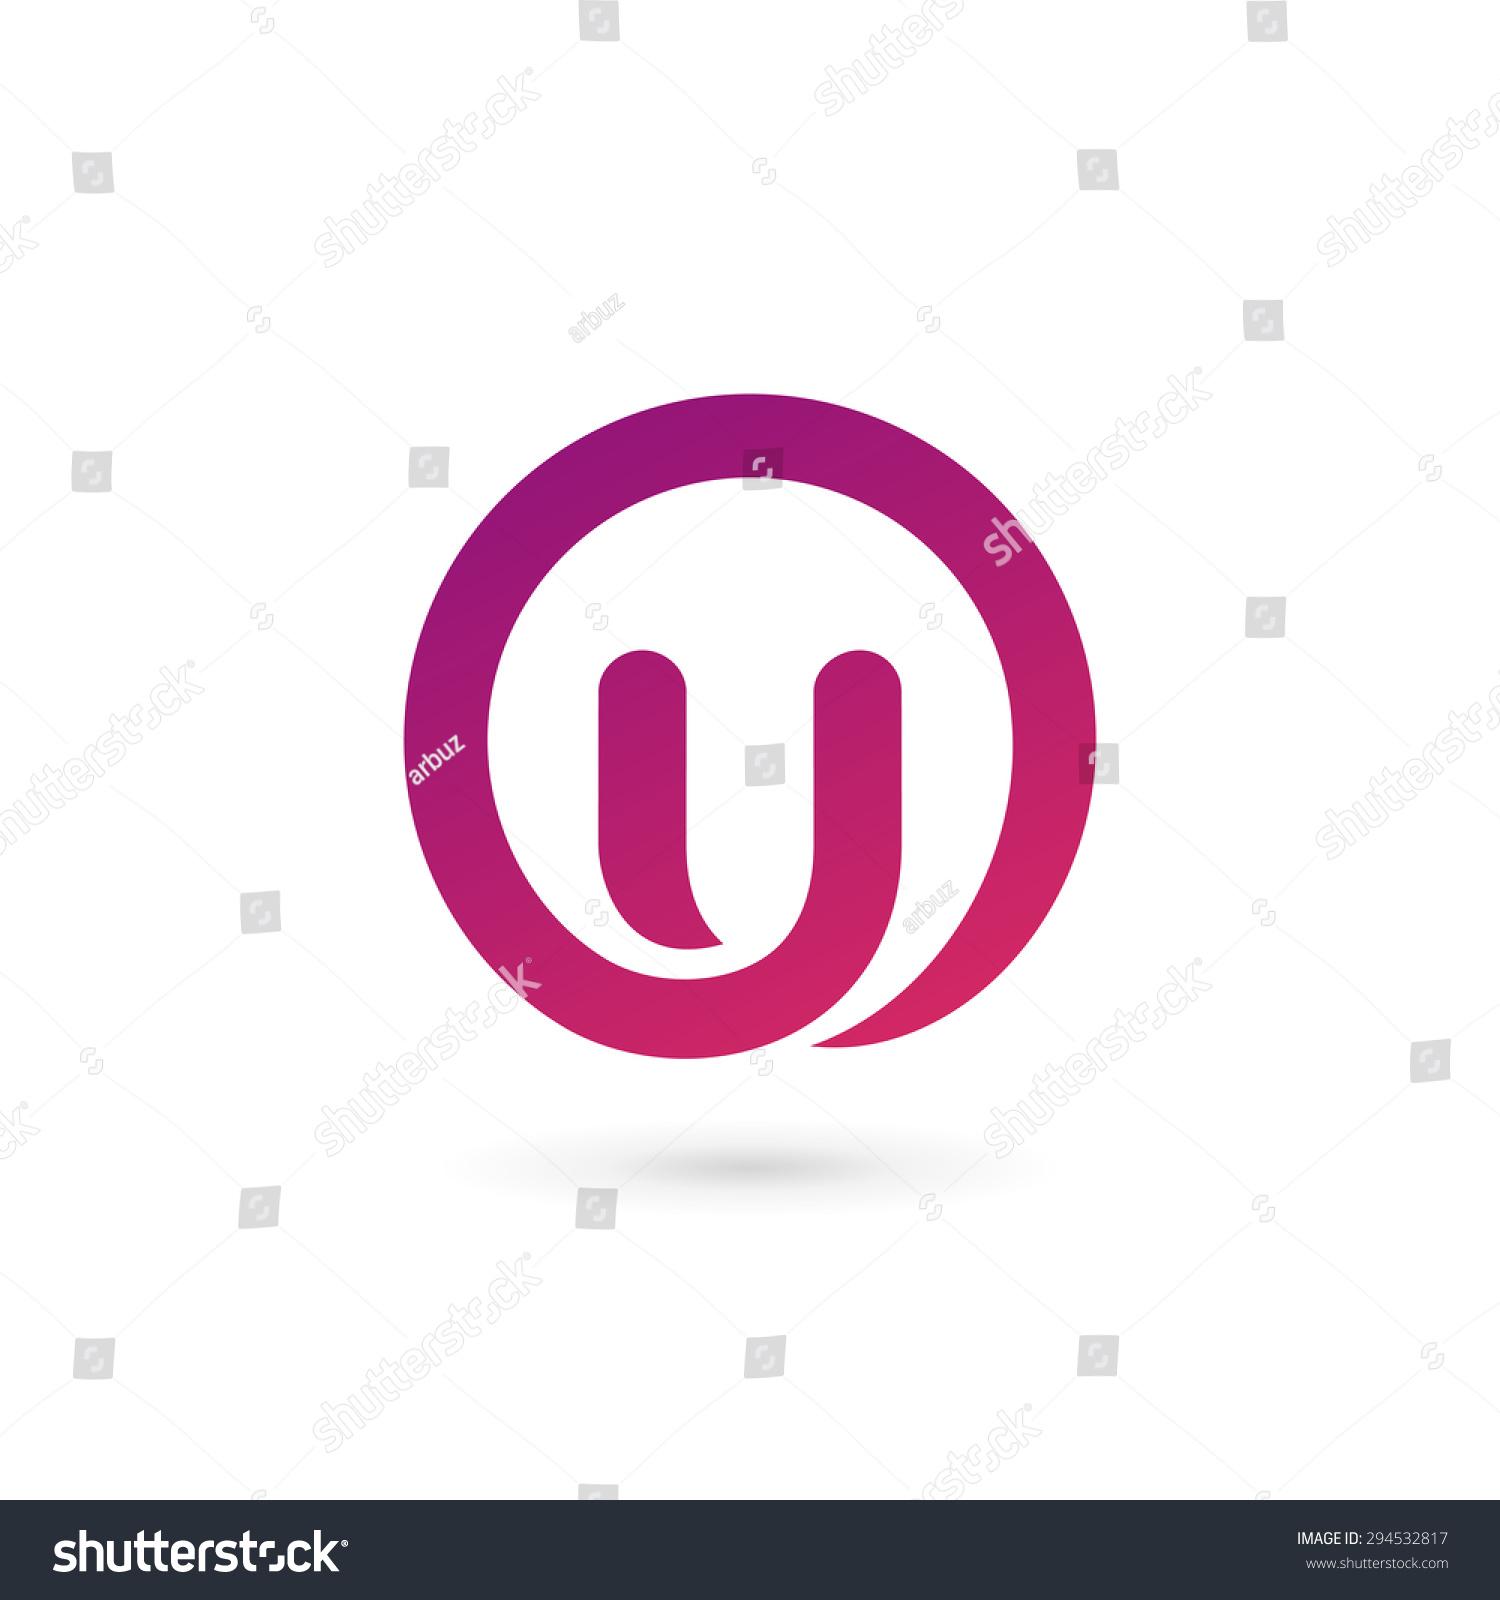 letter u logo icon design template stock photo photo vector